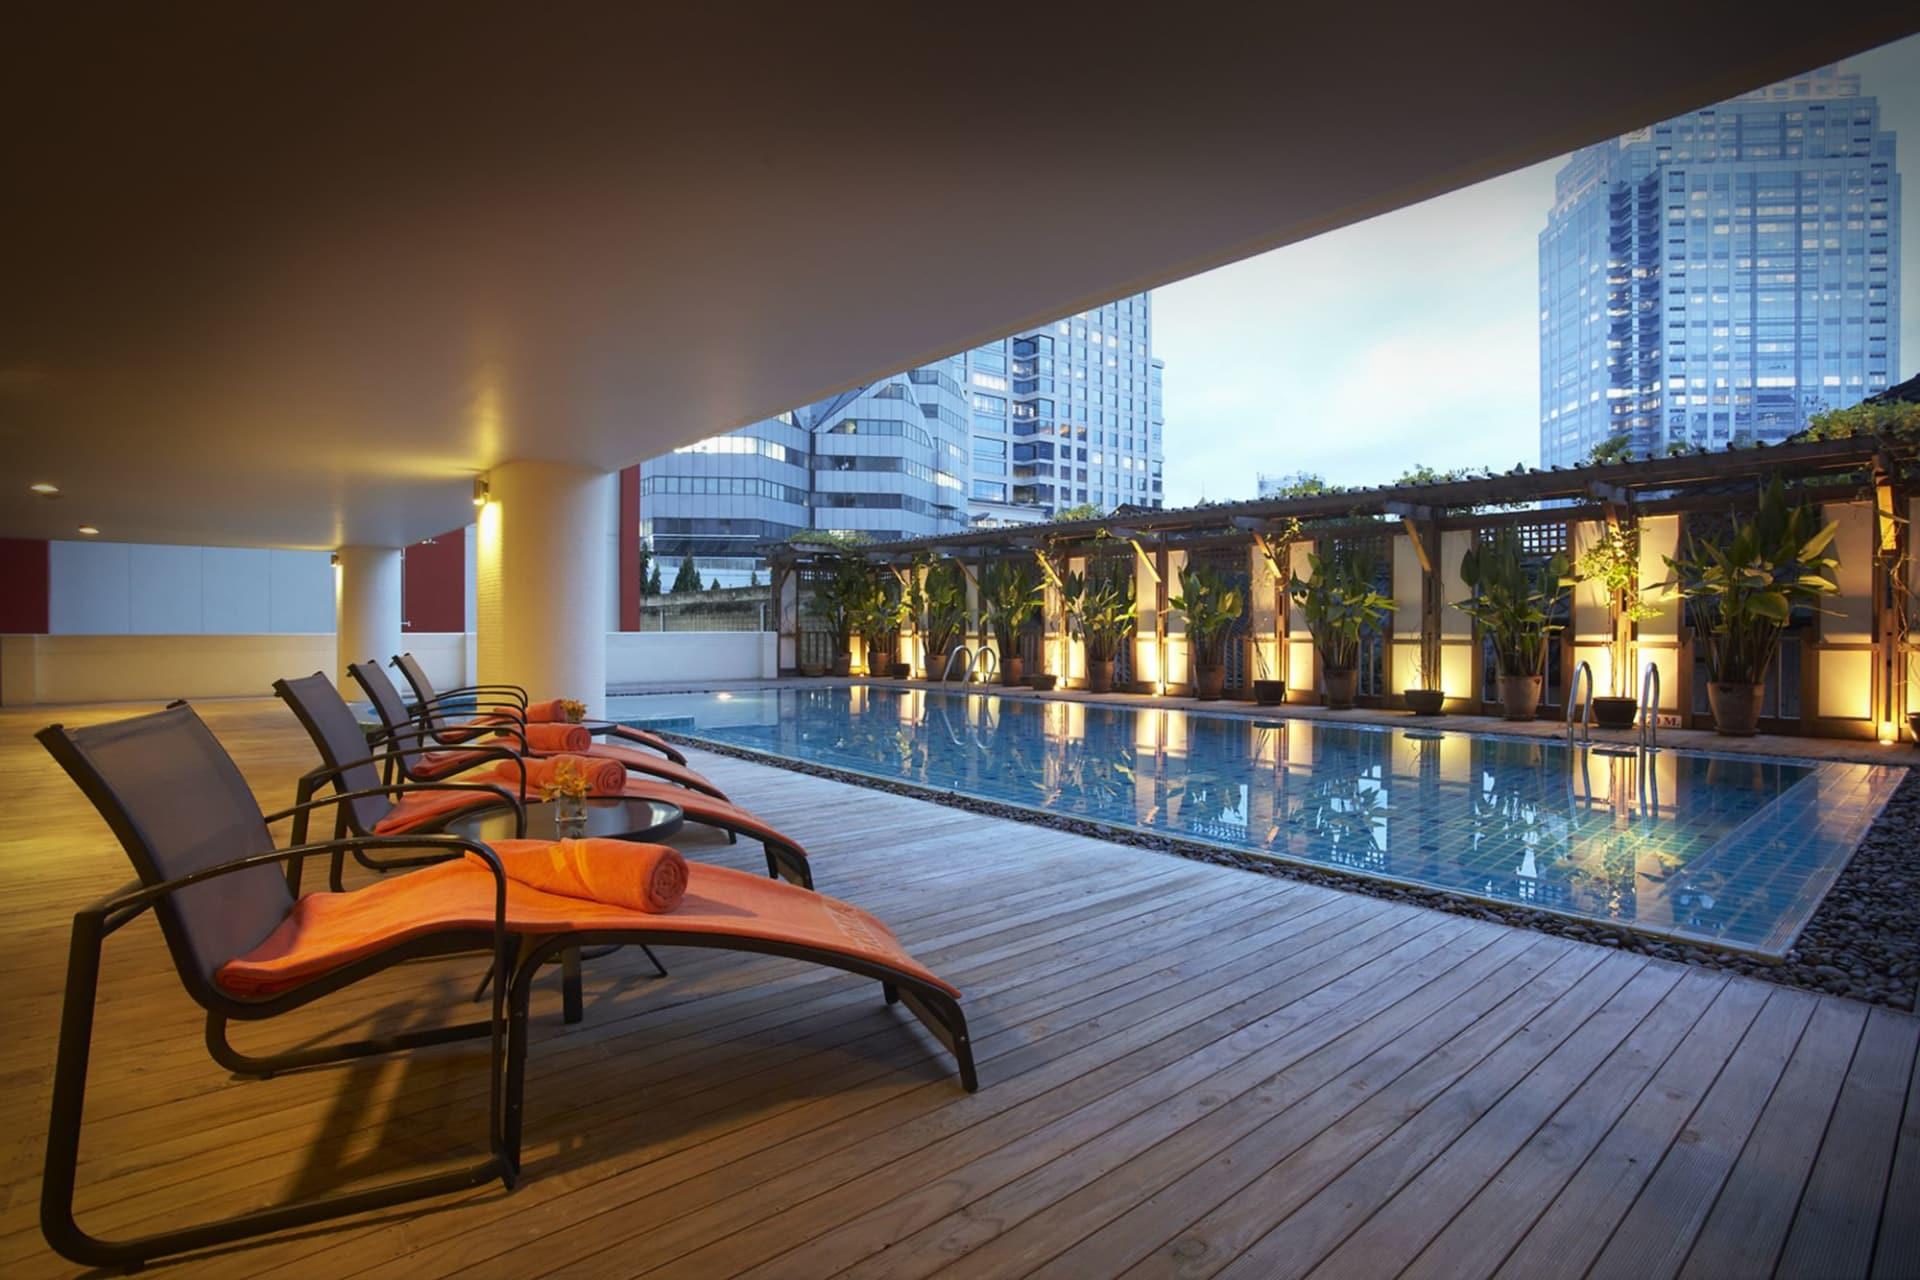 pool: poolside